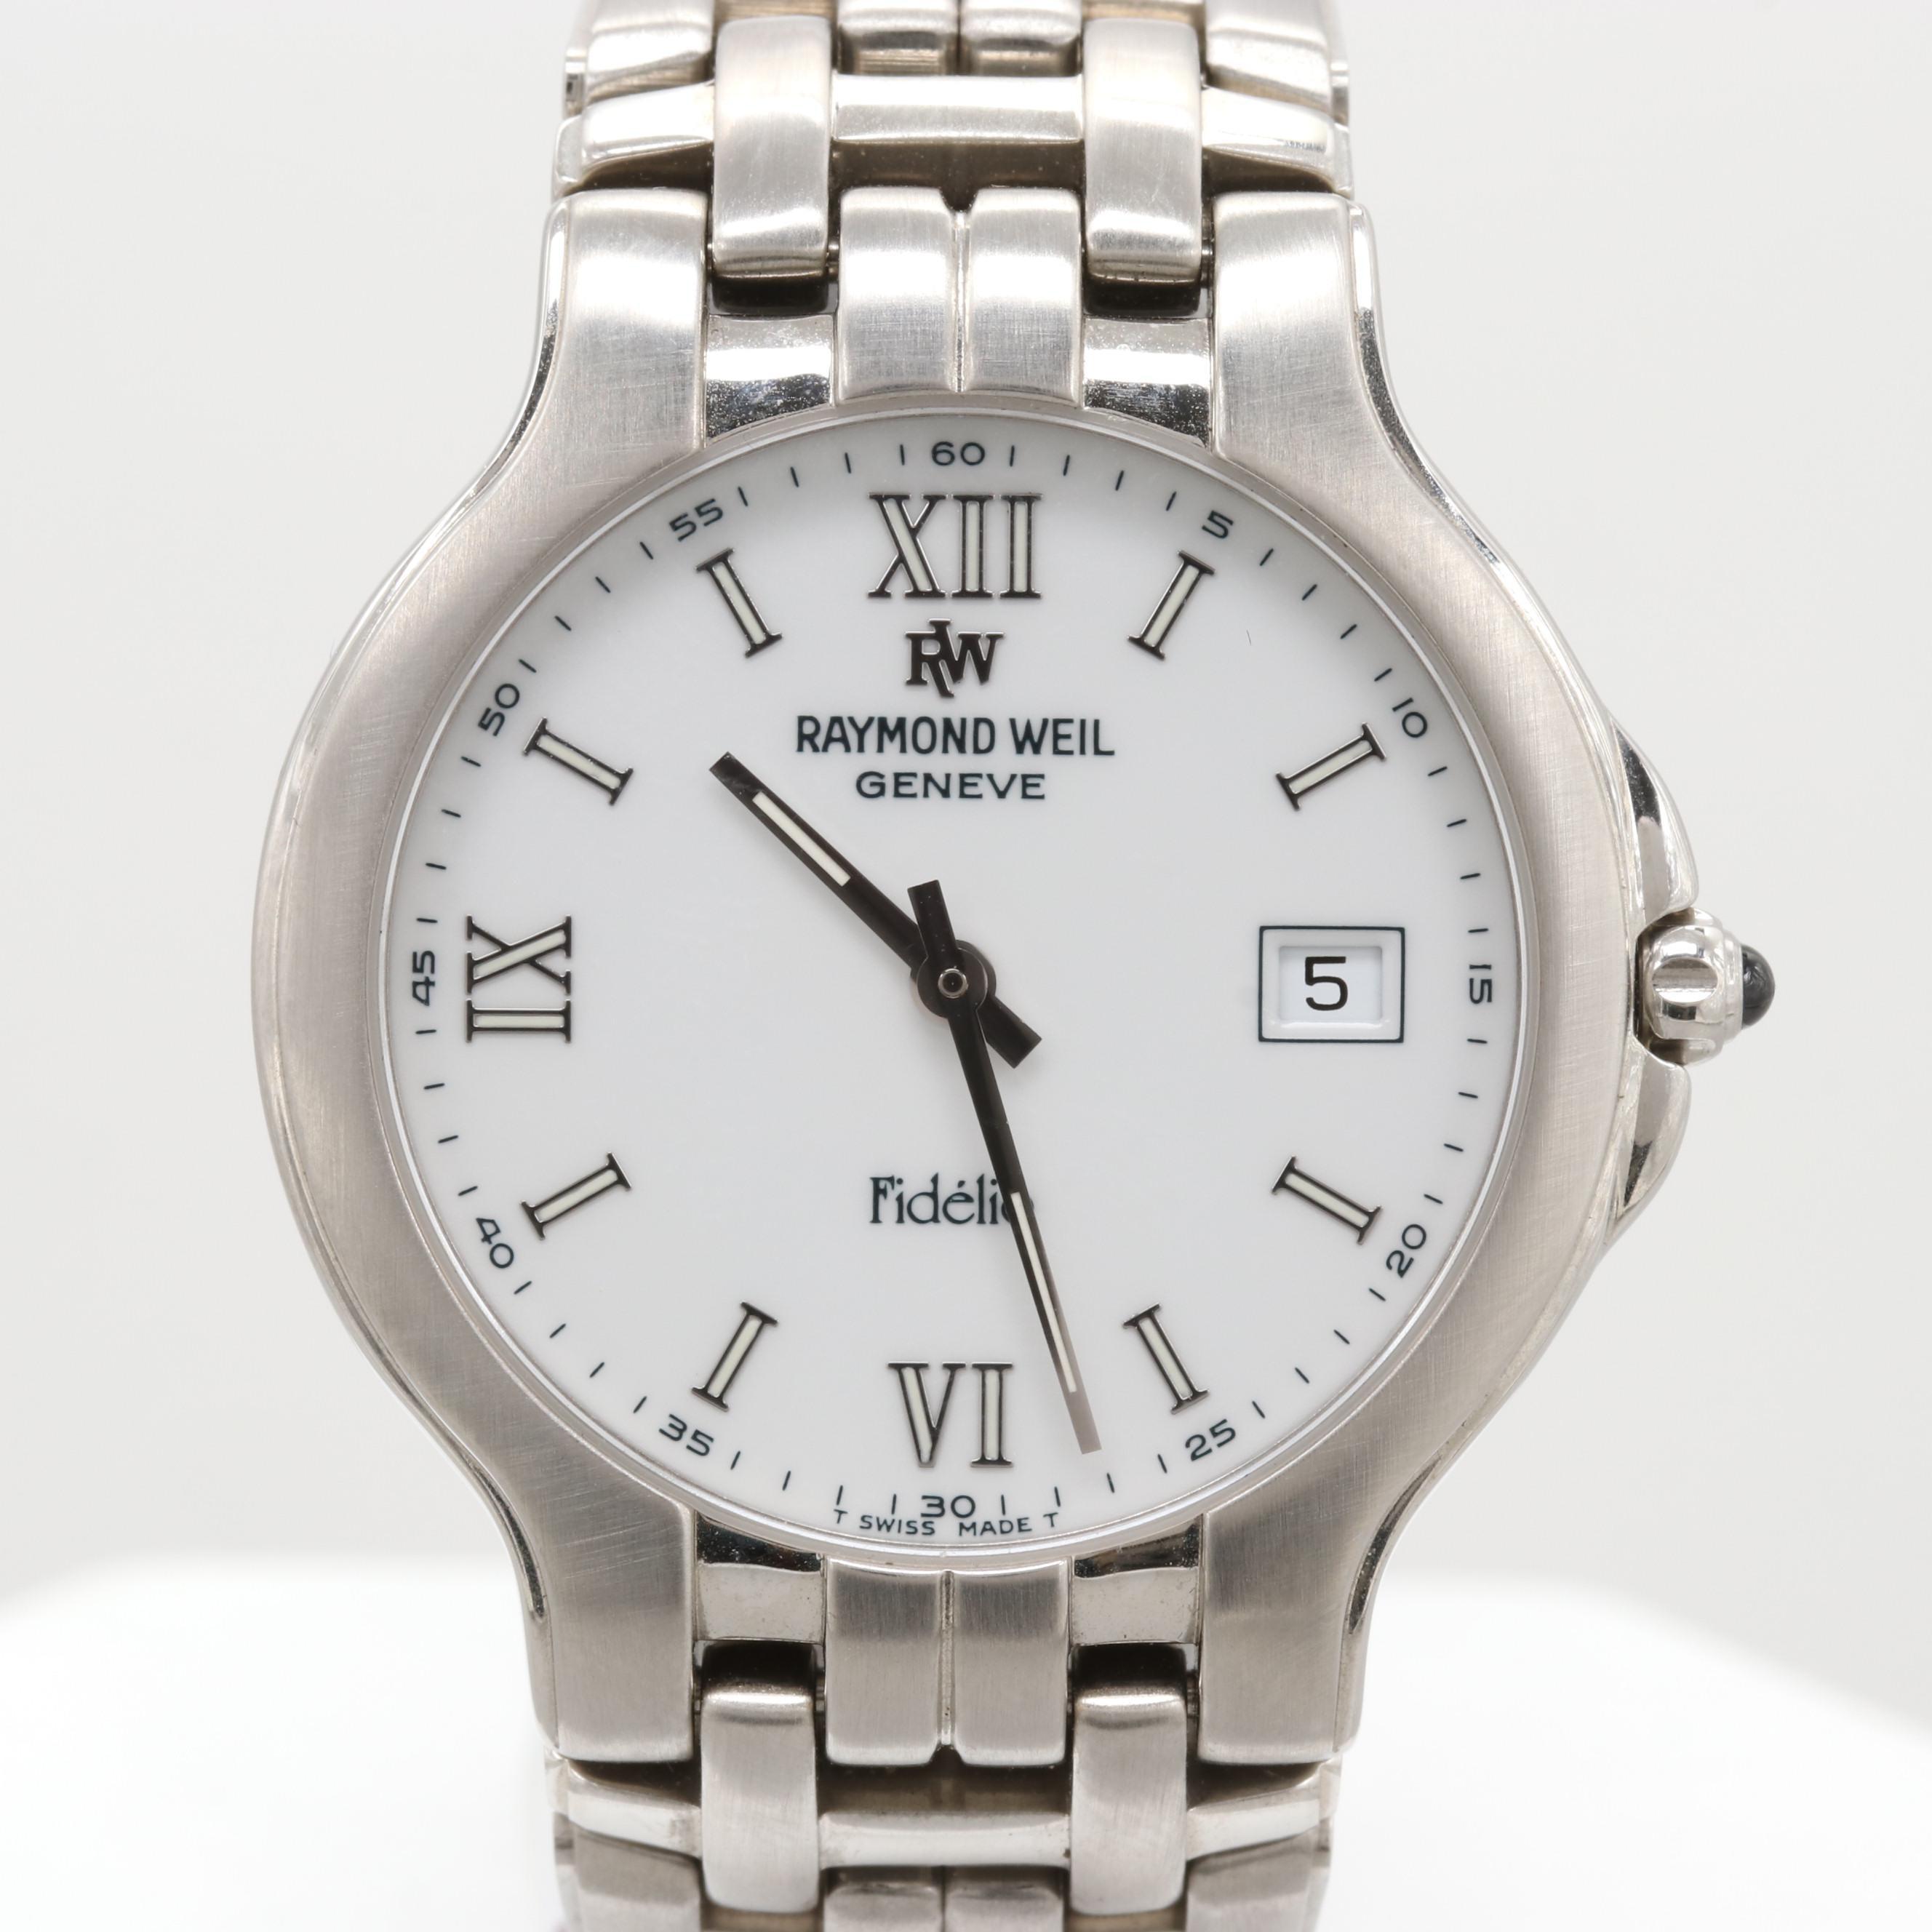 Raymond Weil Fidélio Quartz Wristwatch